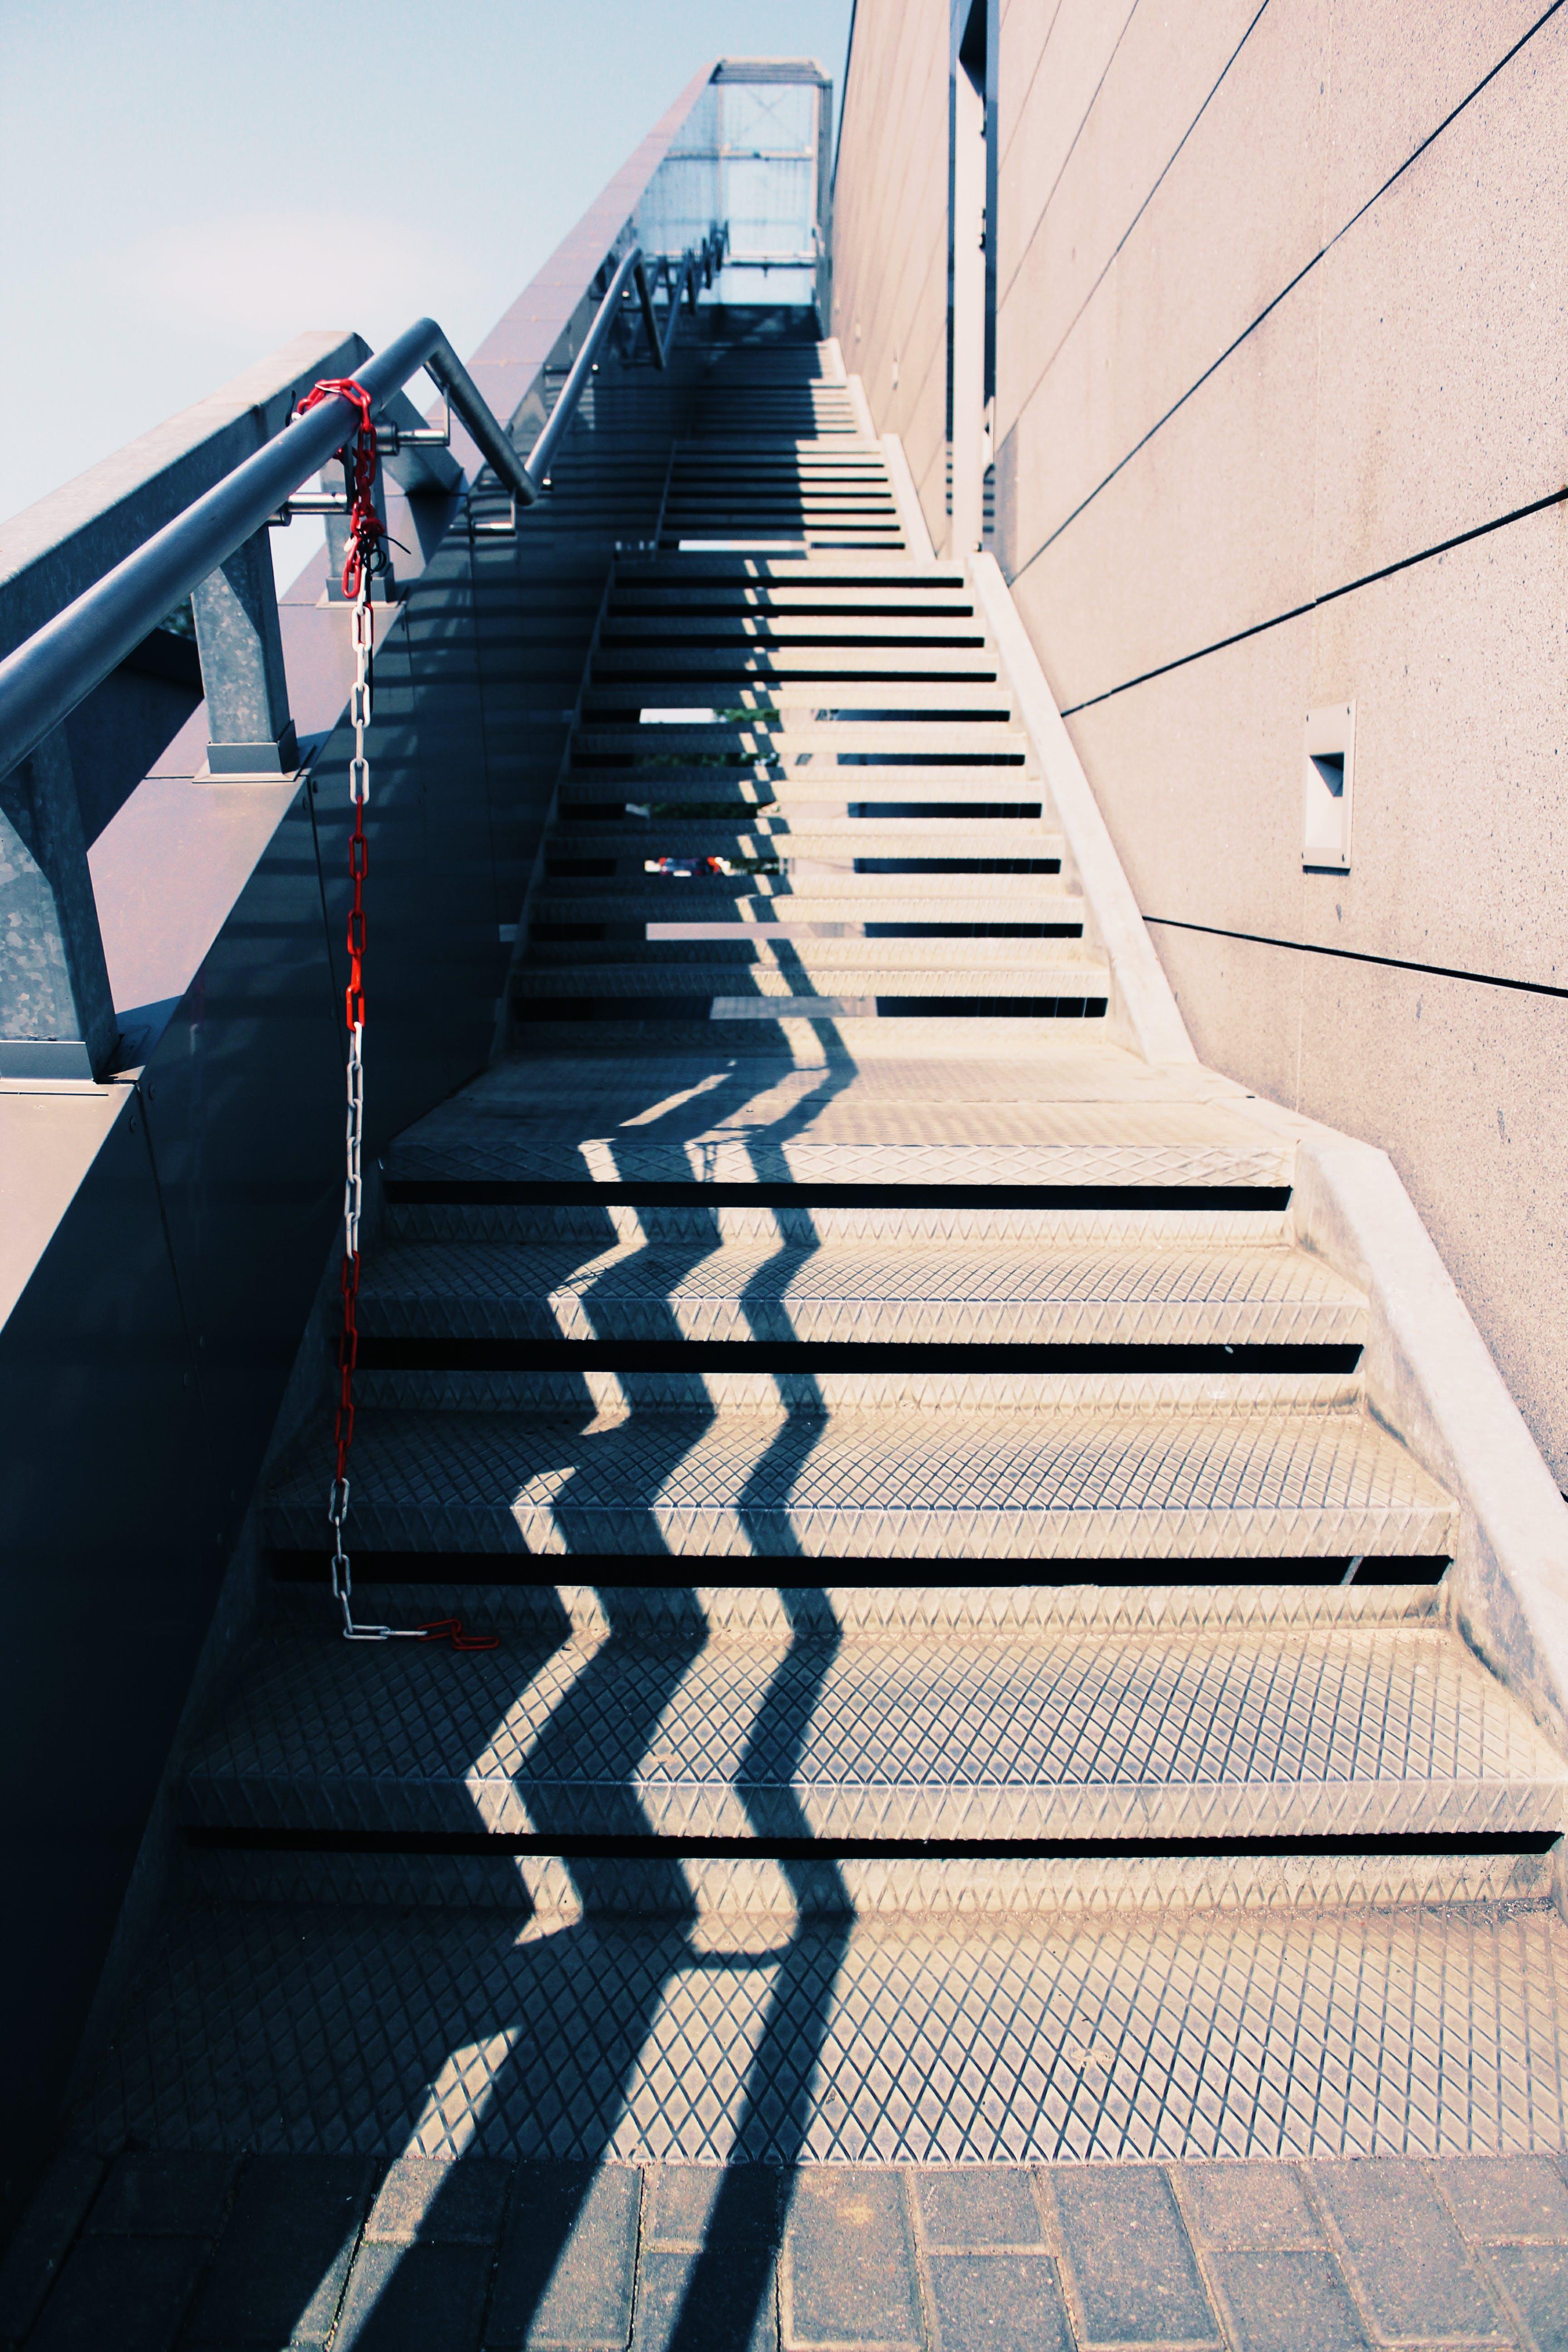 adım atmak, bakış açısı, bina, çelik içeren Ücretsiz stok fotoğraf